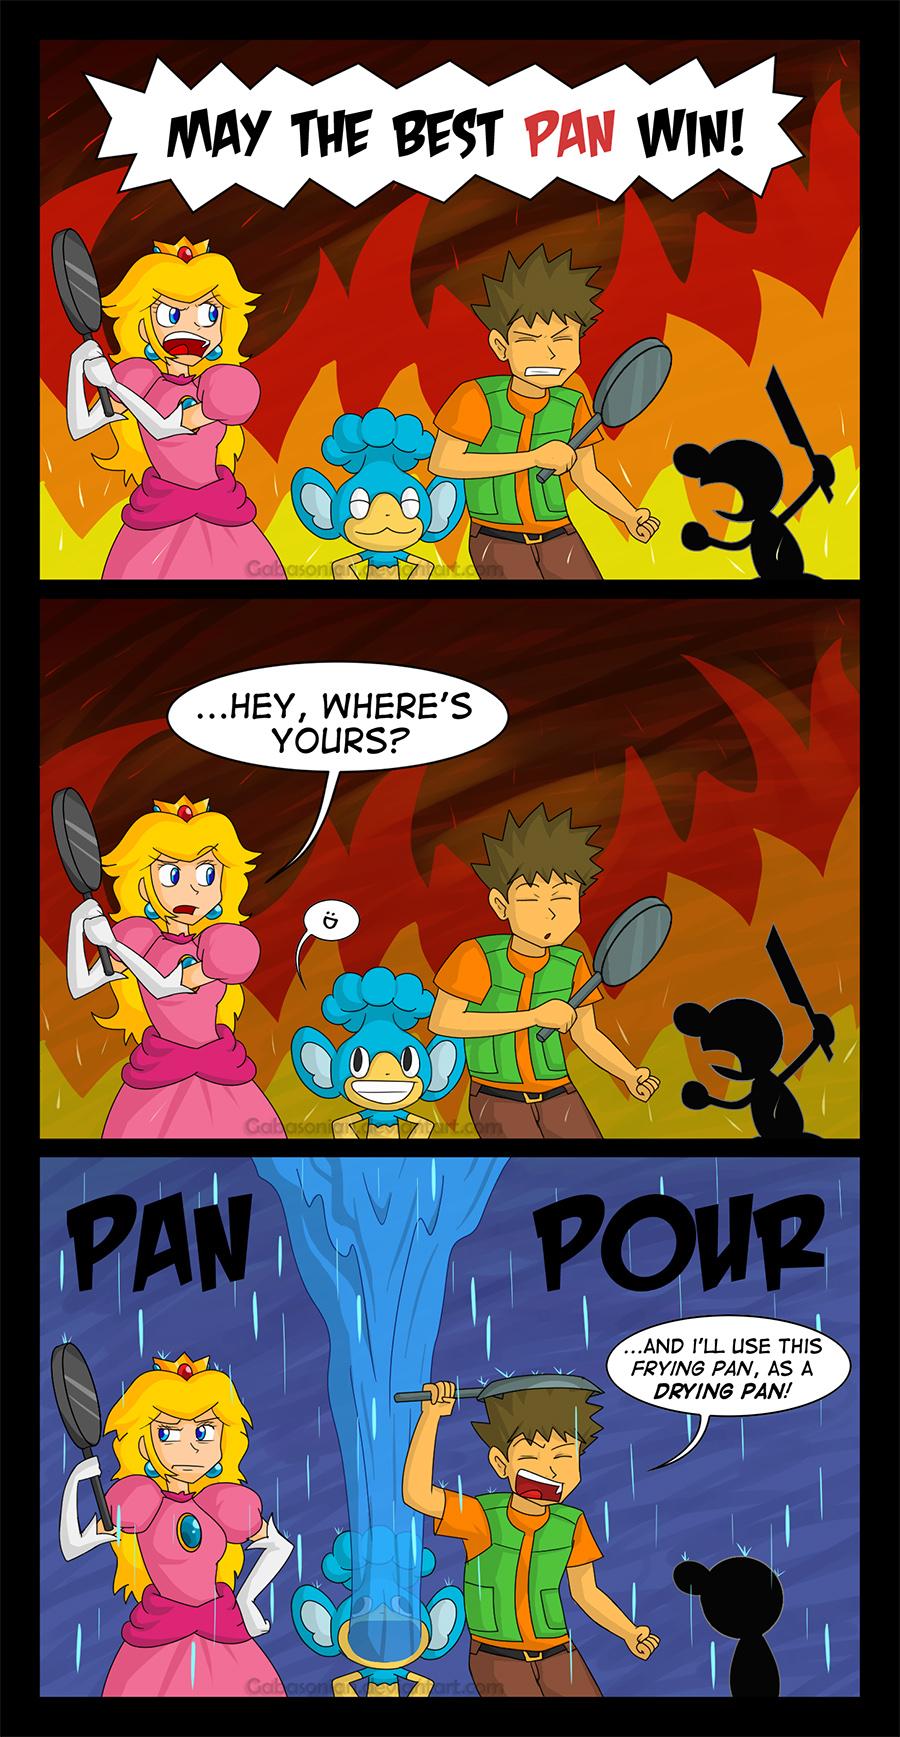 Pan + Pour